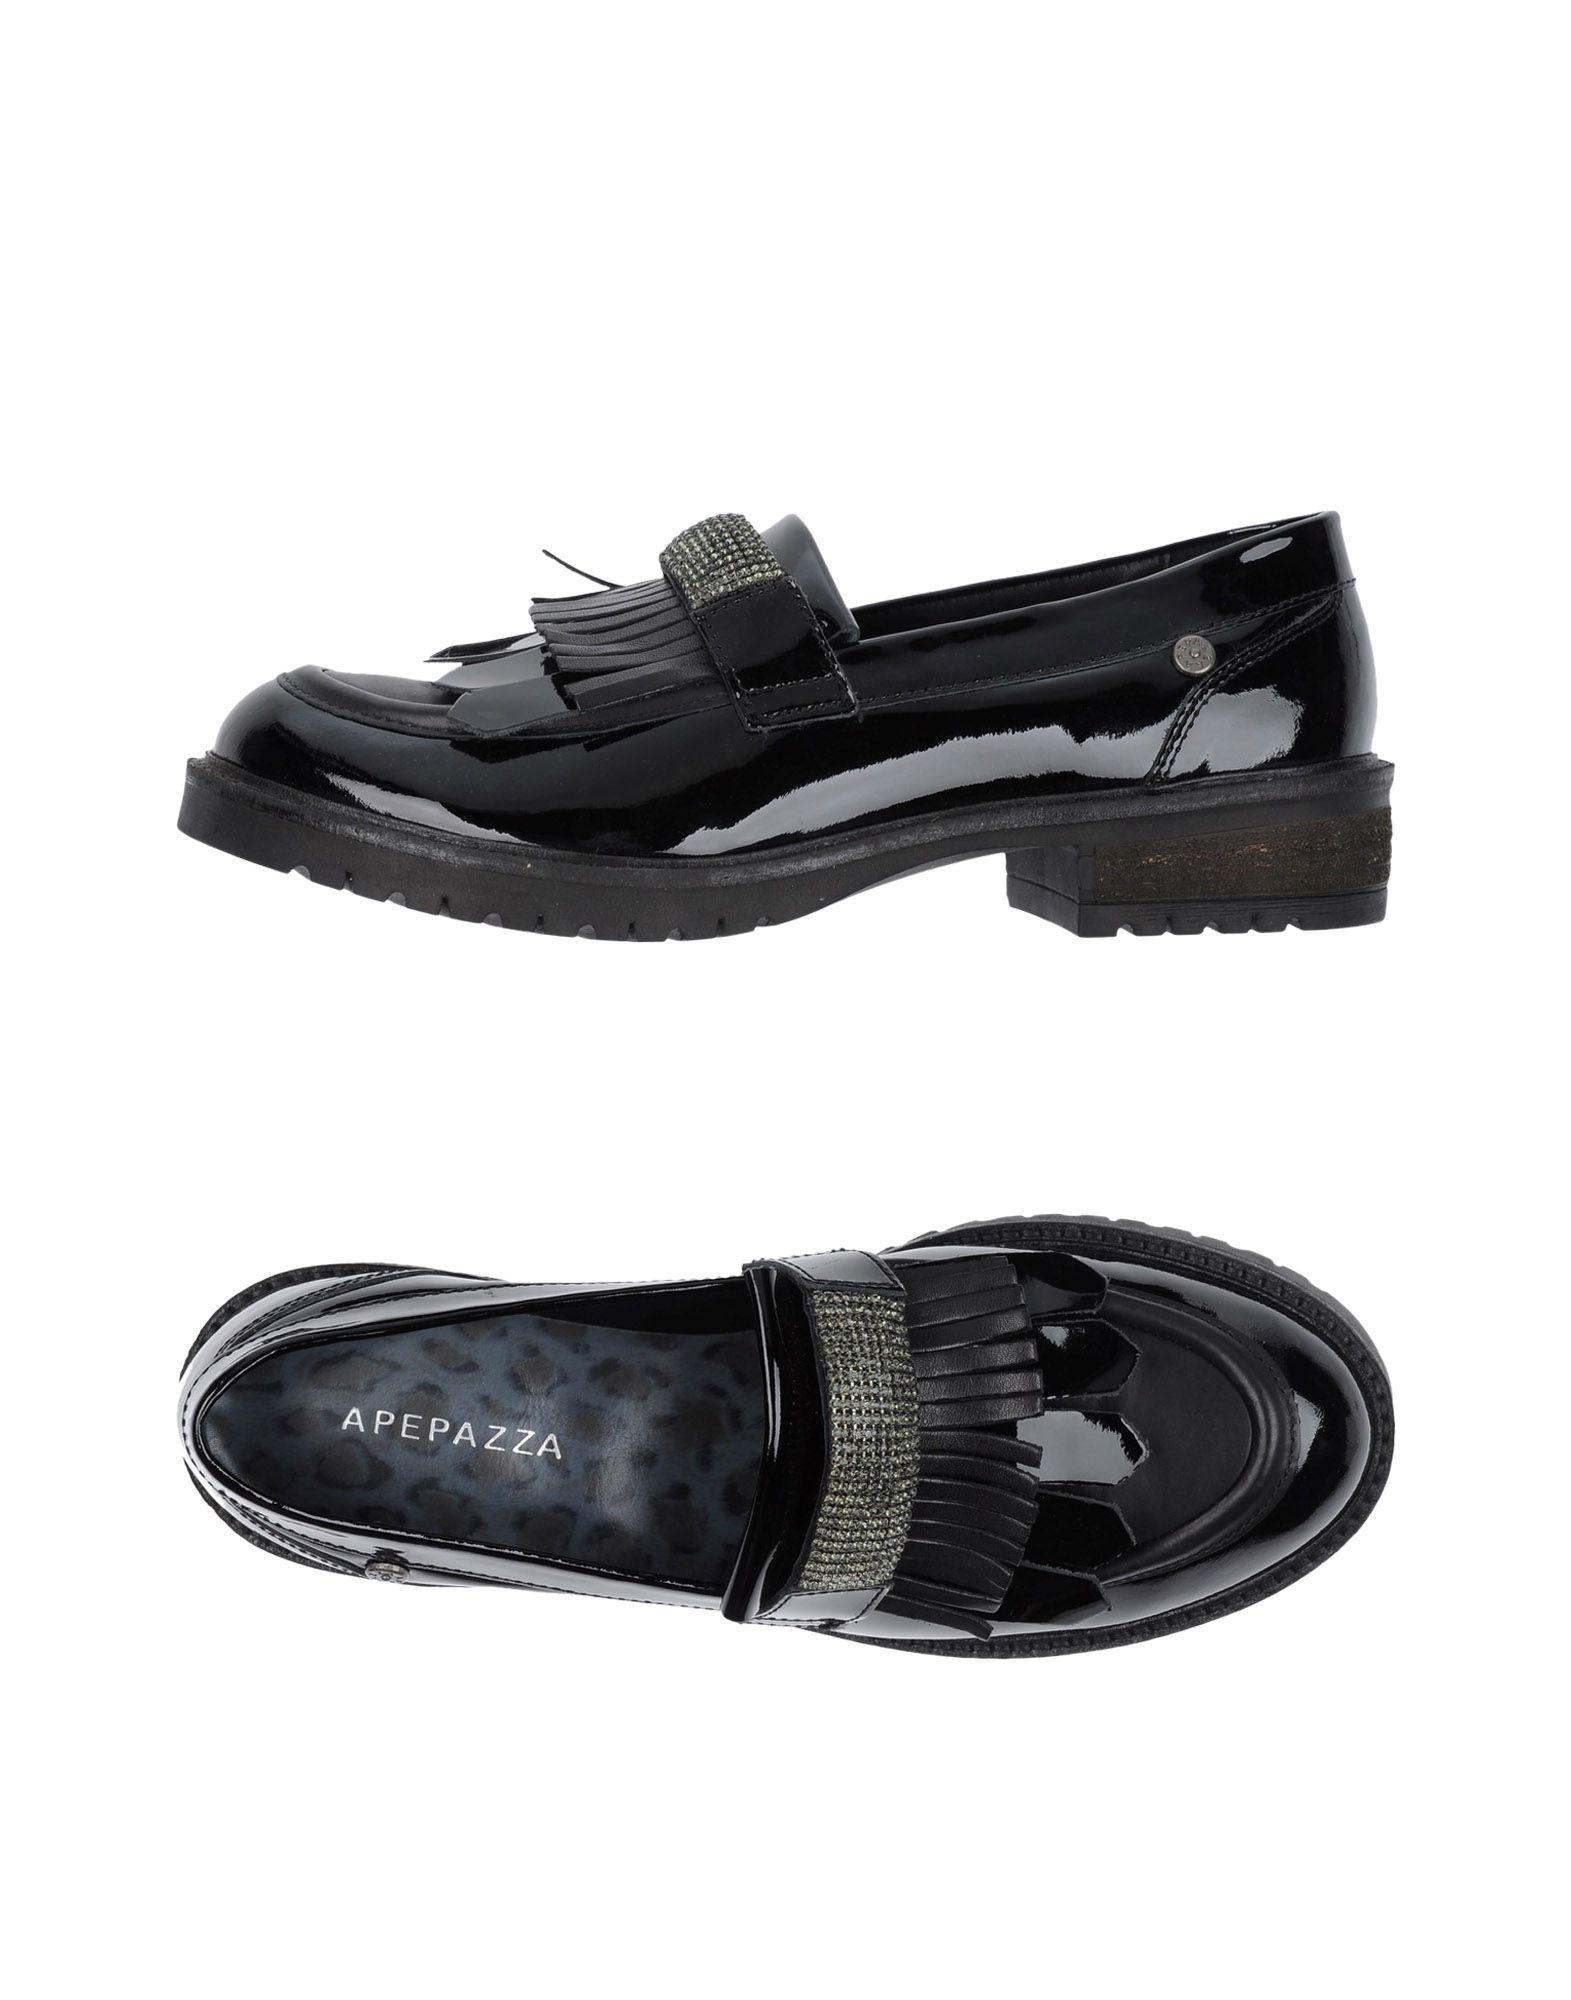 Apepazza Mokassins Damen  11251571UI Gute Qualität beliebte Schuhe